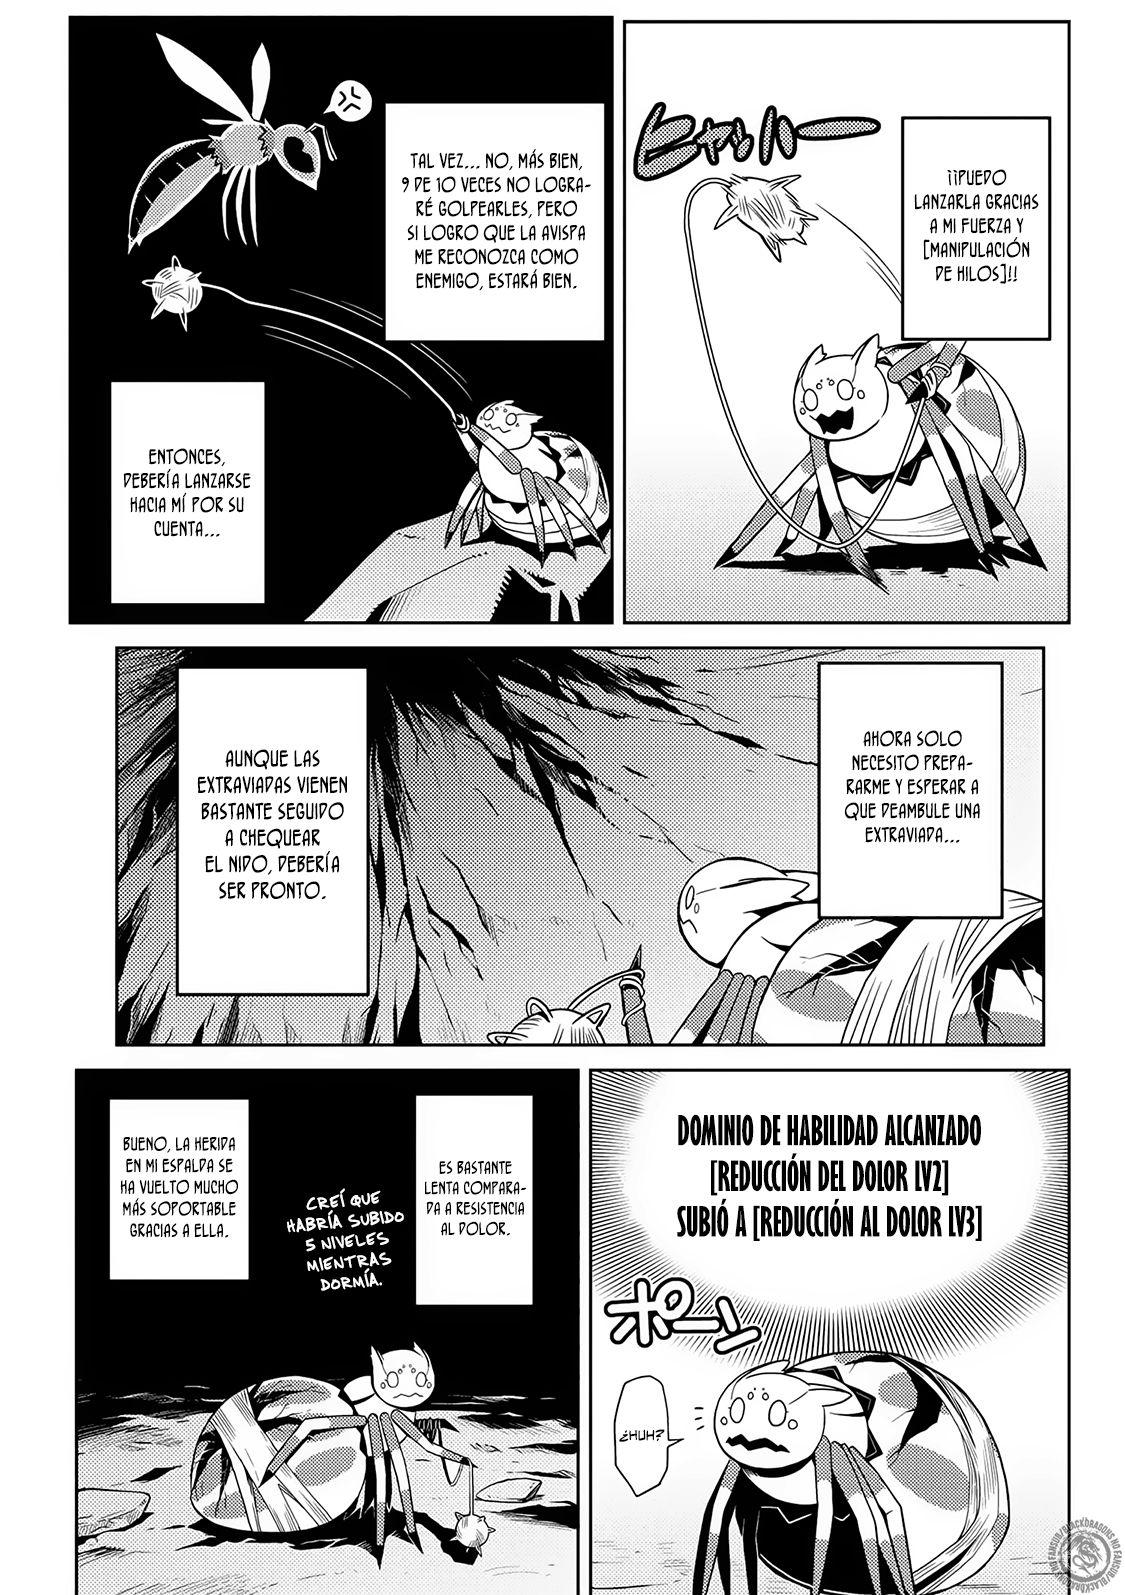 http://c5.ninemanga.com/es_manga/59/18683/487953/7a633c38891c9a45fbcdf84ffcb86754.jpg Page 4